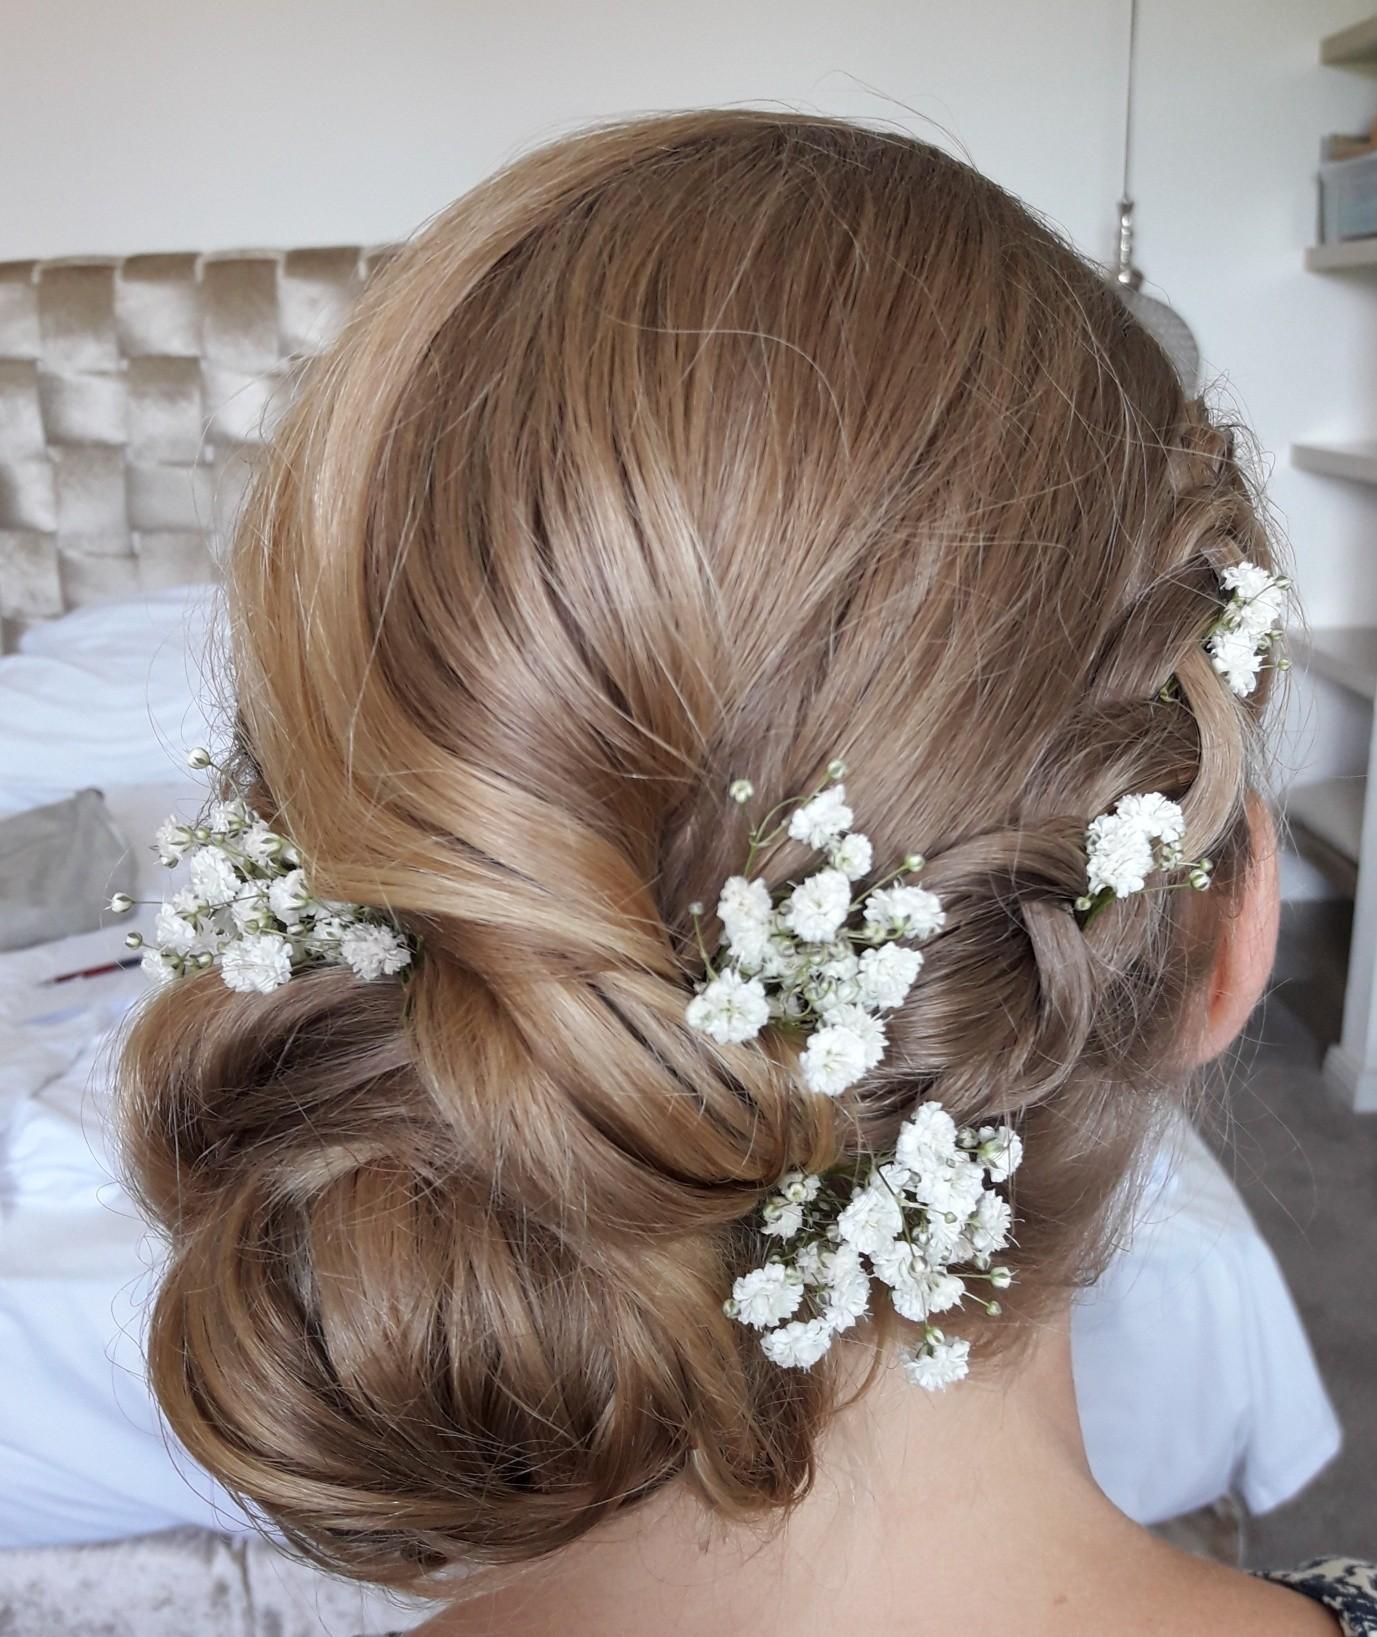 Frisuren mit Blumen